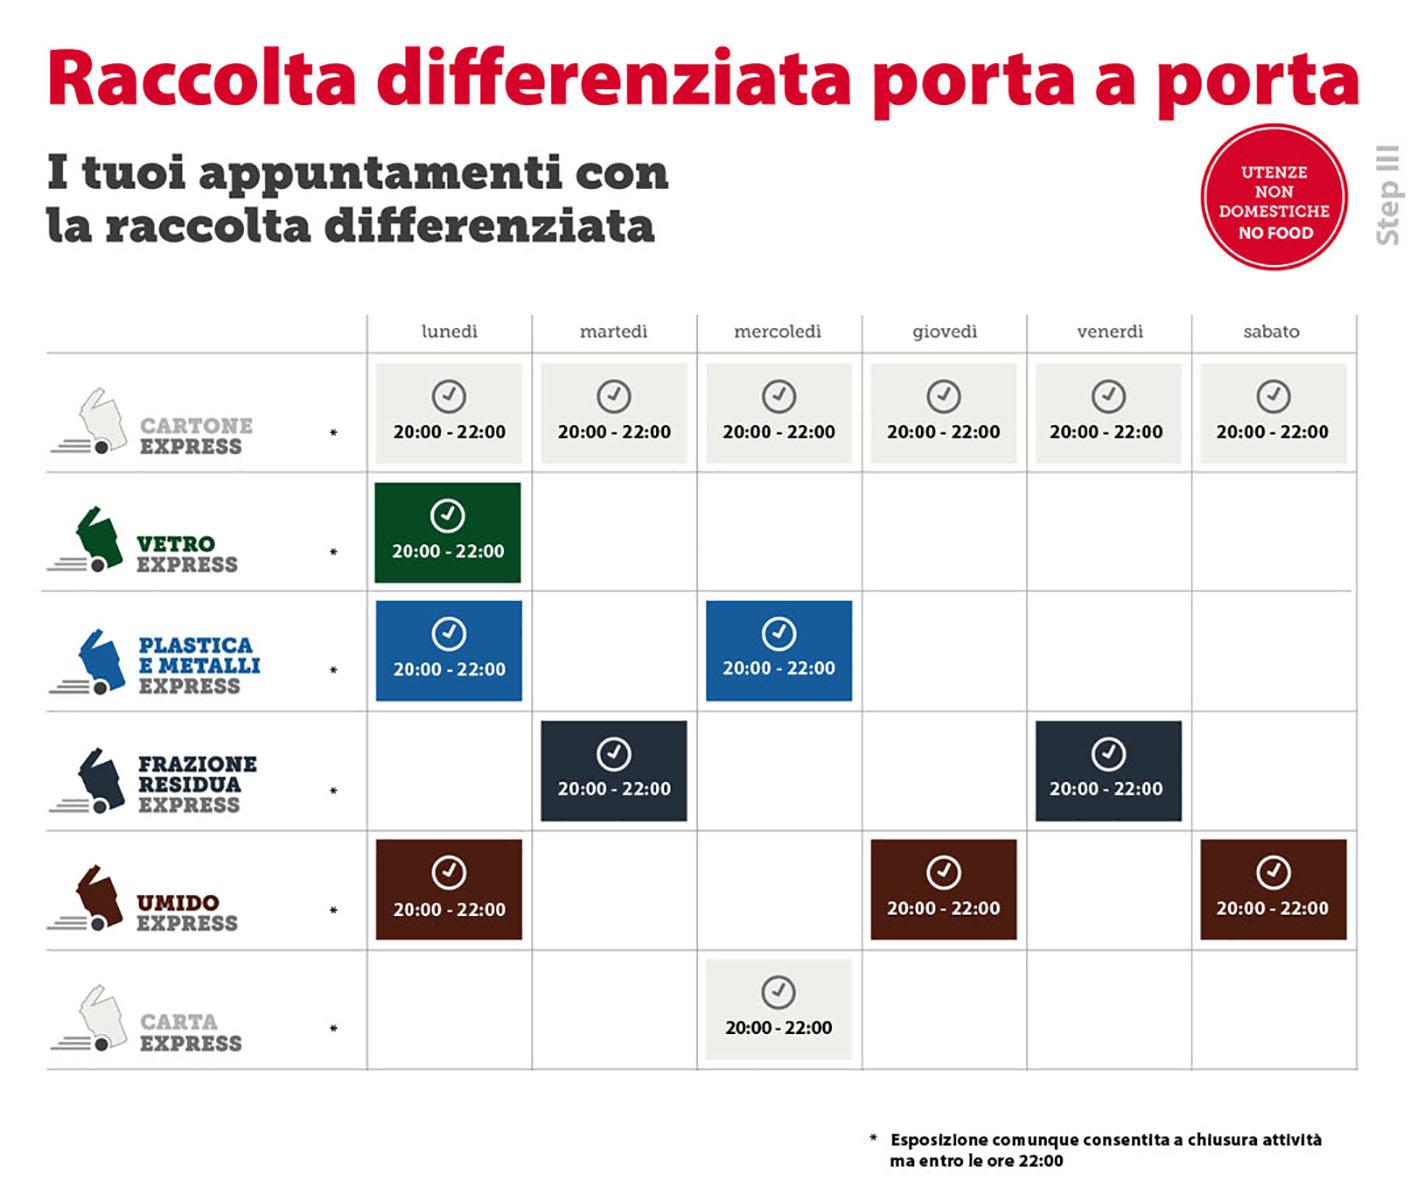 Come e quando i calendari per palermo differenzia 2 step3 for Pulizie domestiche palermo